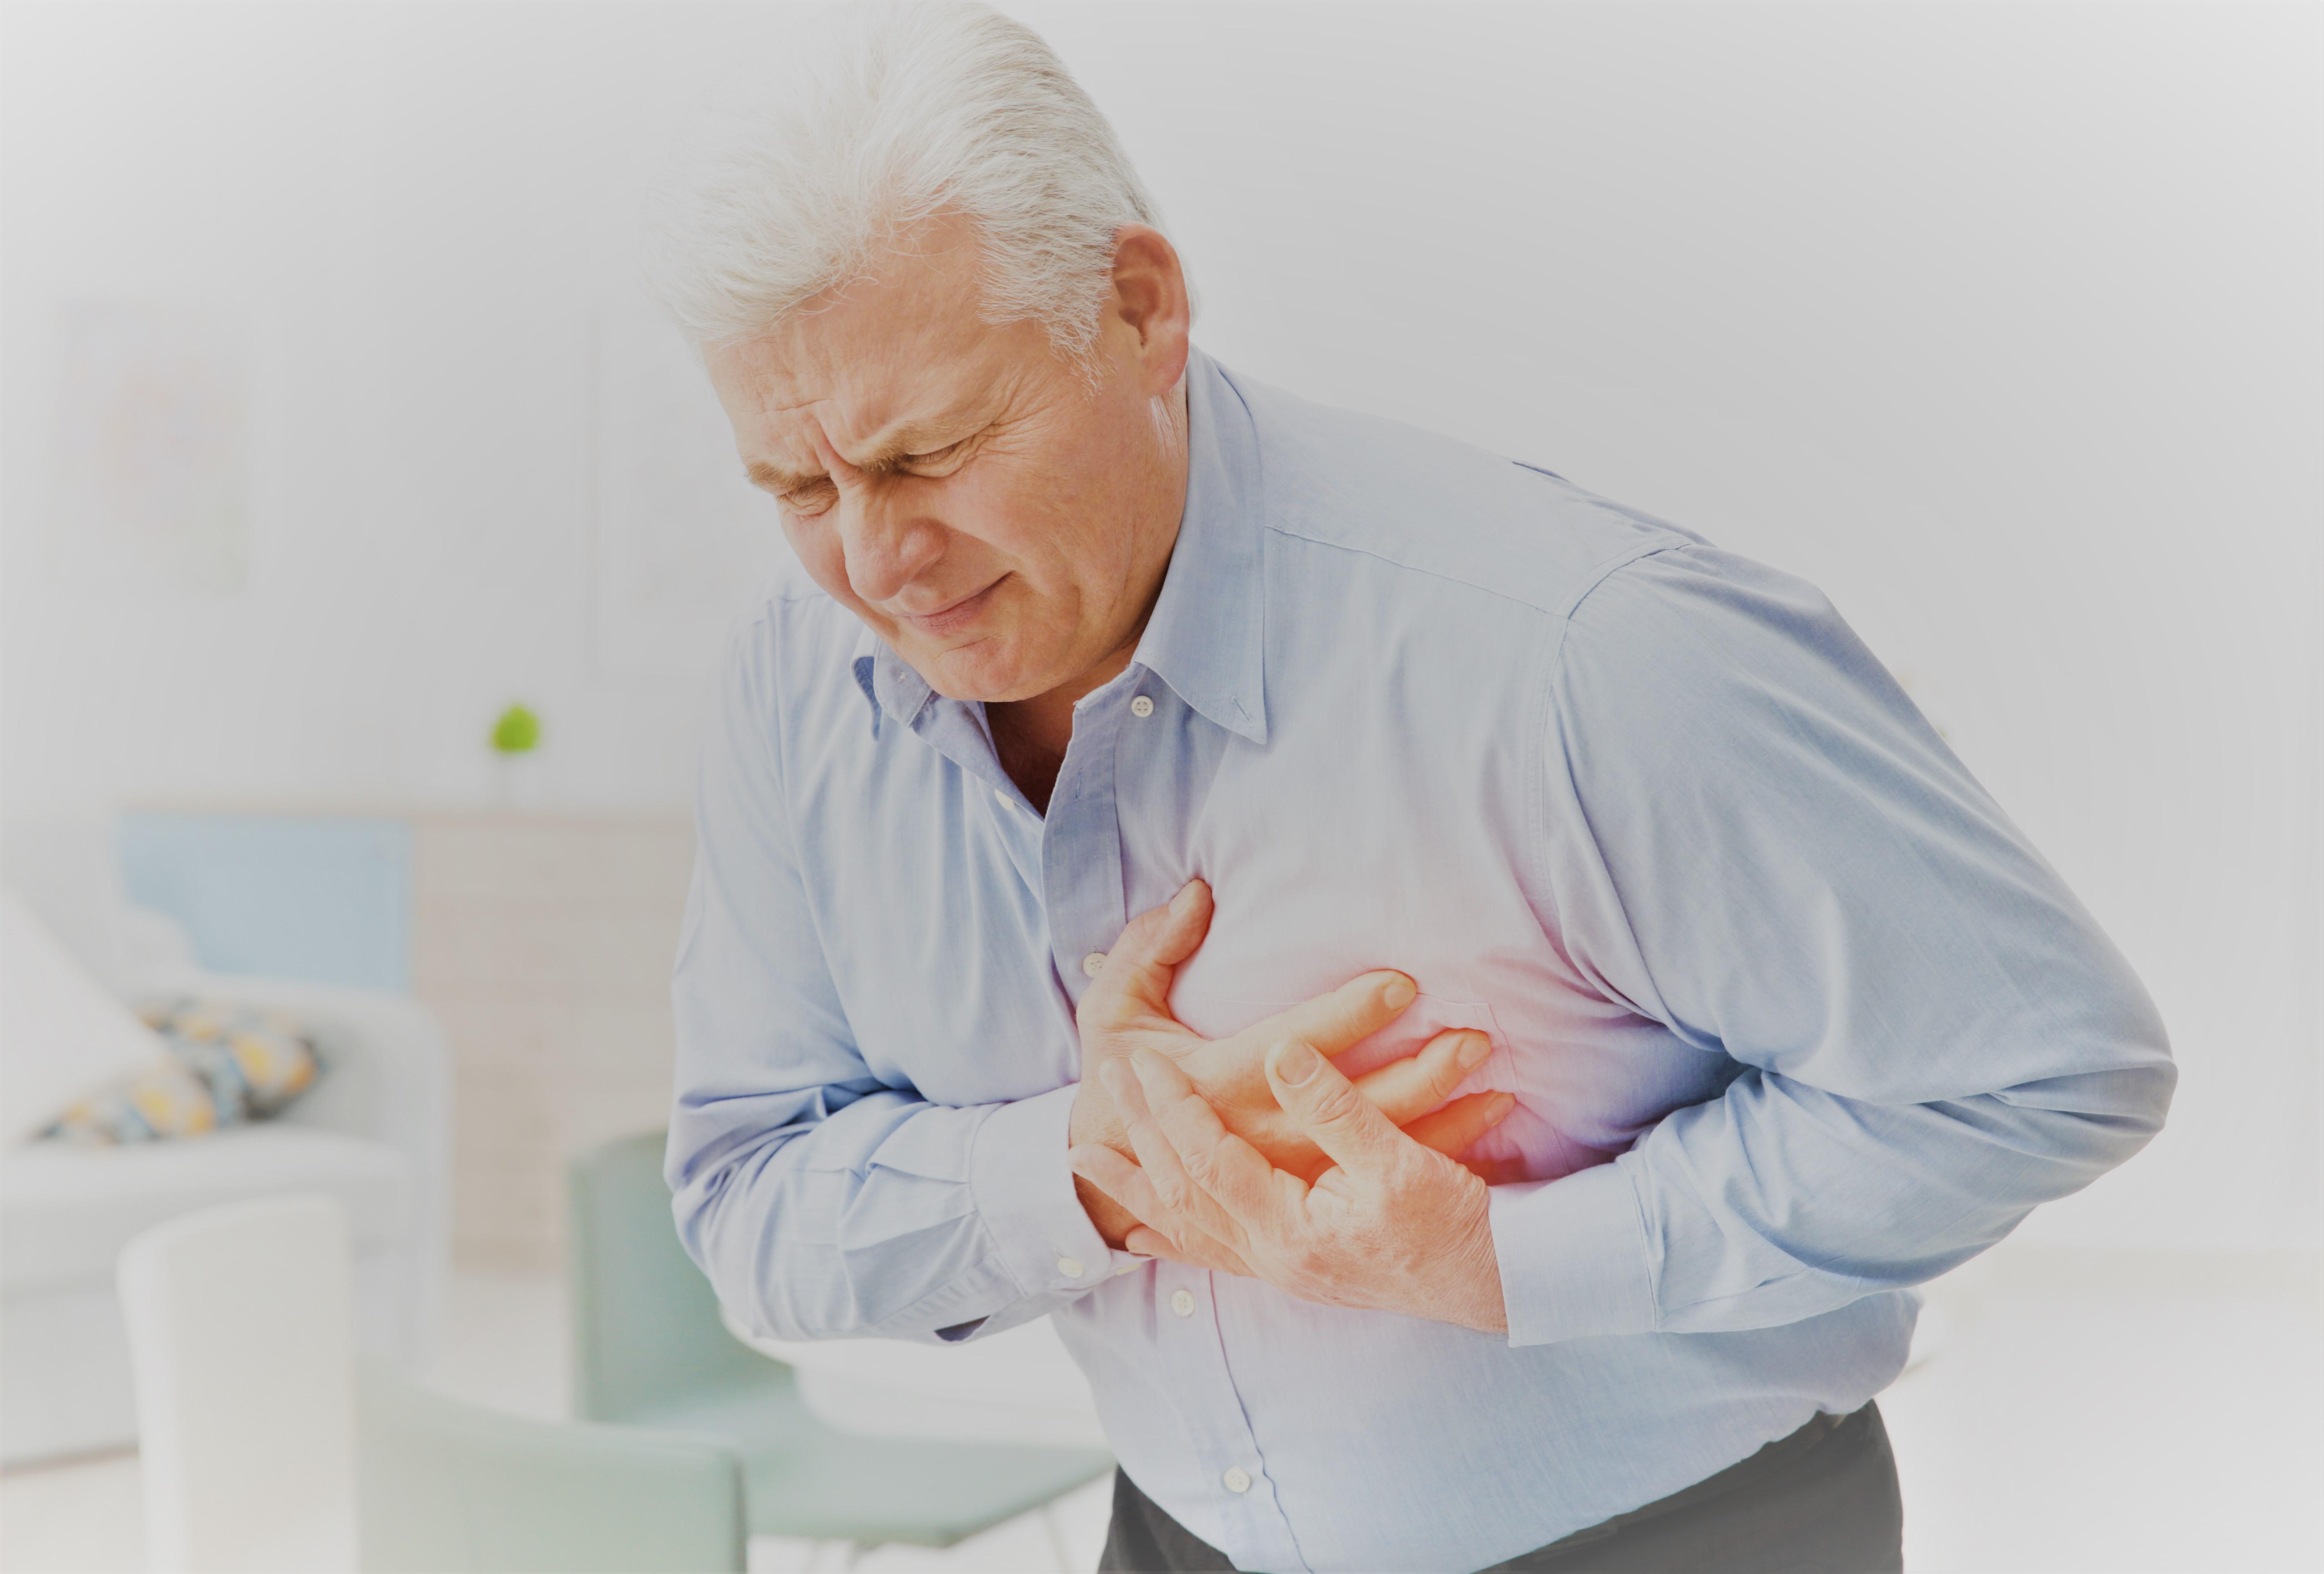 csípő-ízületi indometacin kenőcs az ízület és a nagy lábujj artrózisa